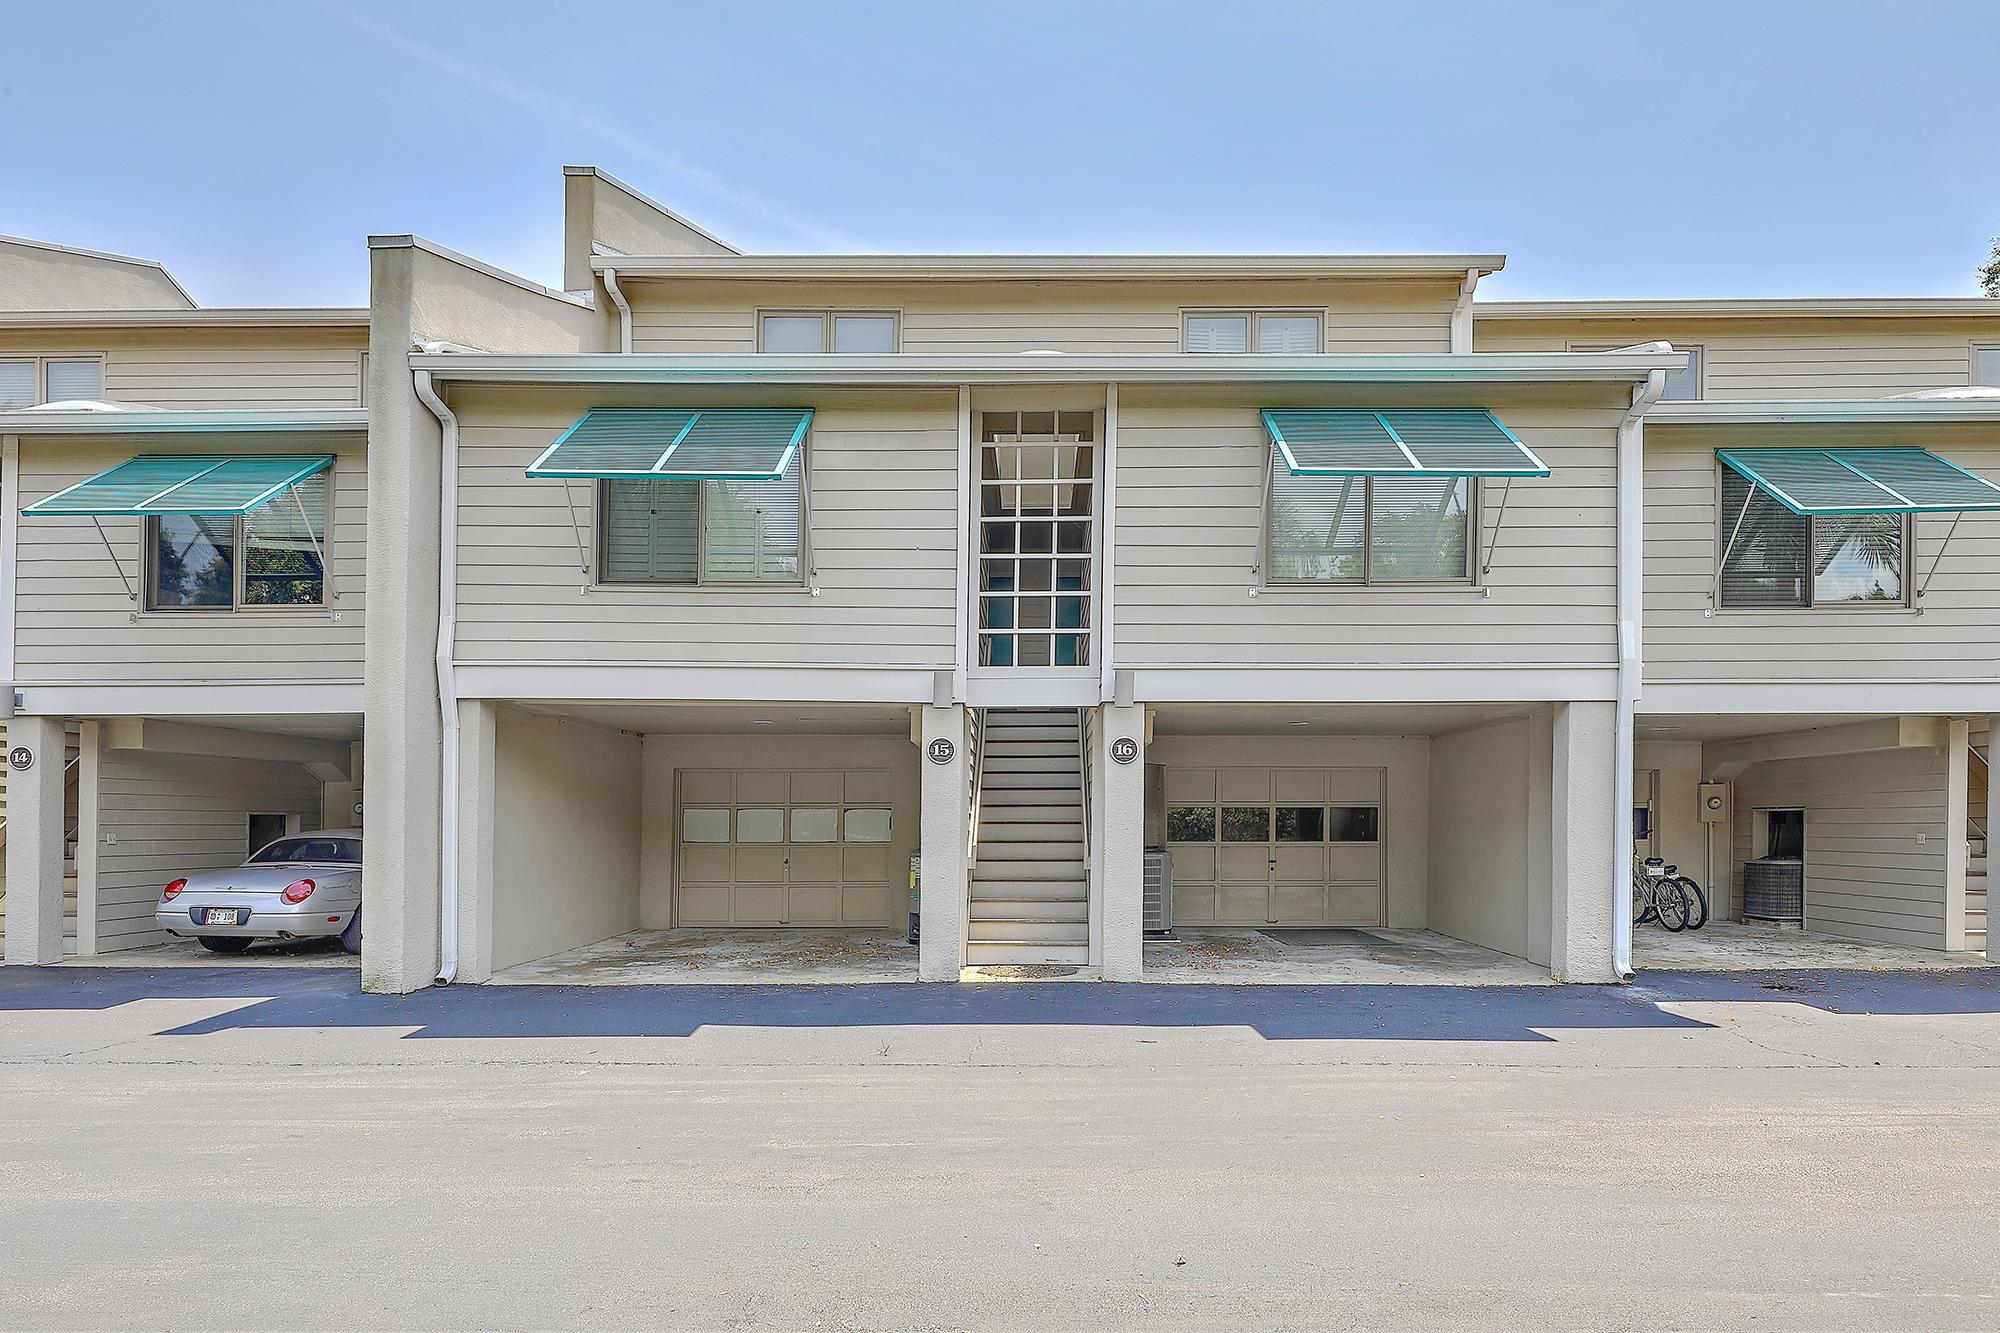 Beach Club Villas Homes For Sale - 15 Beach Club Villas, Isle of Palms, SC - 7